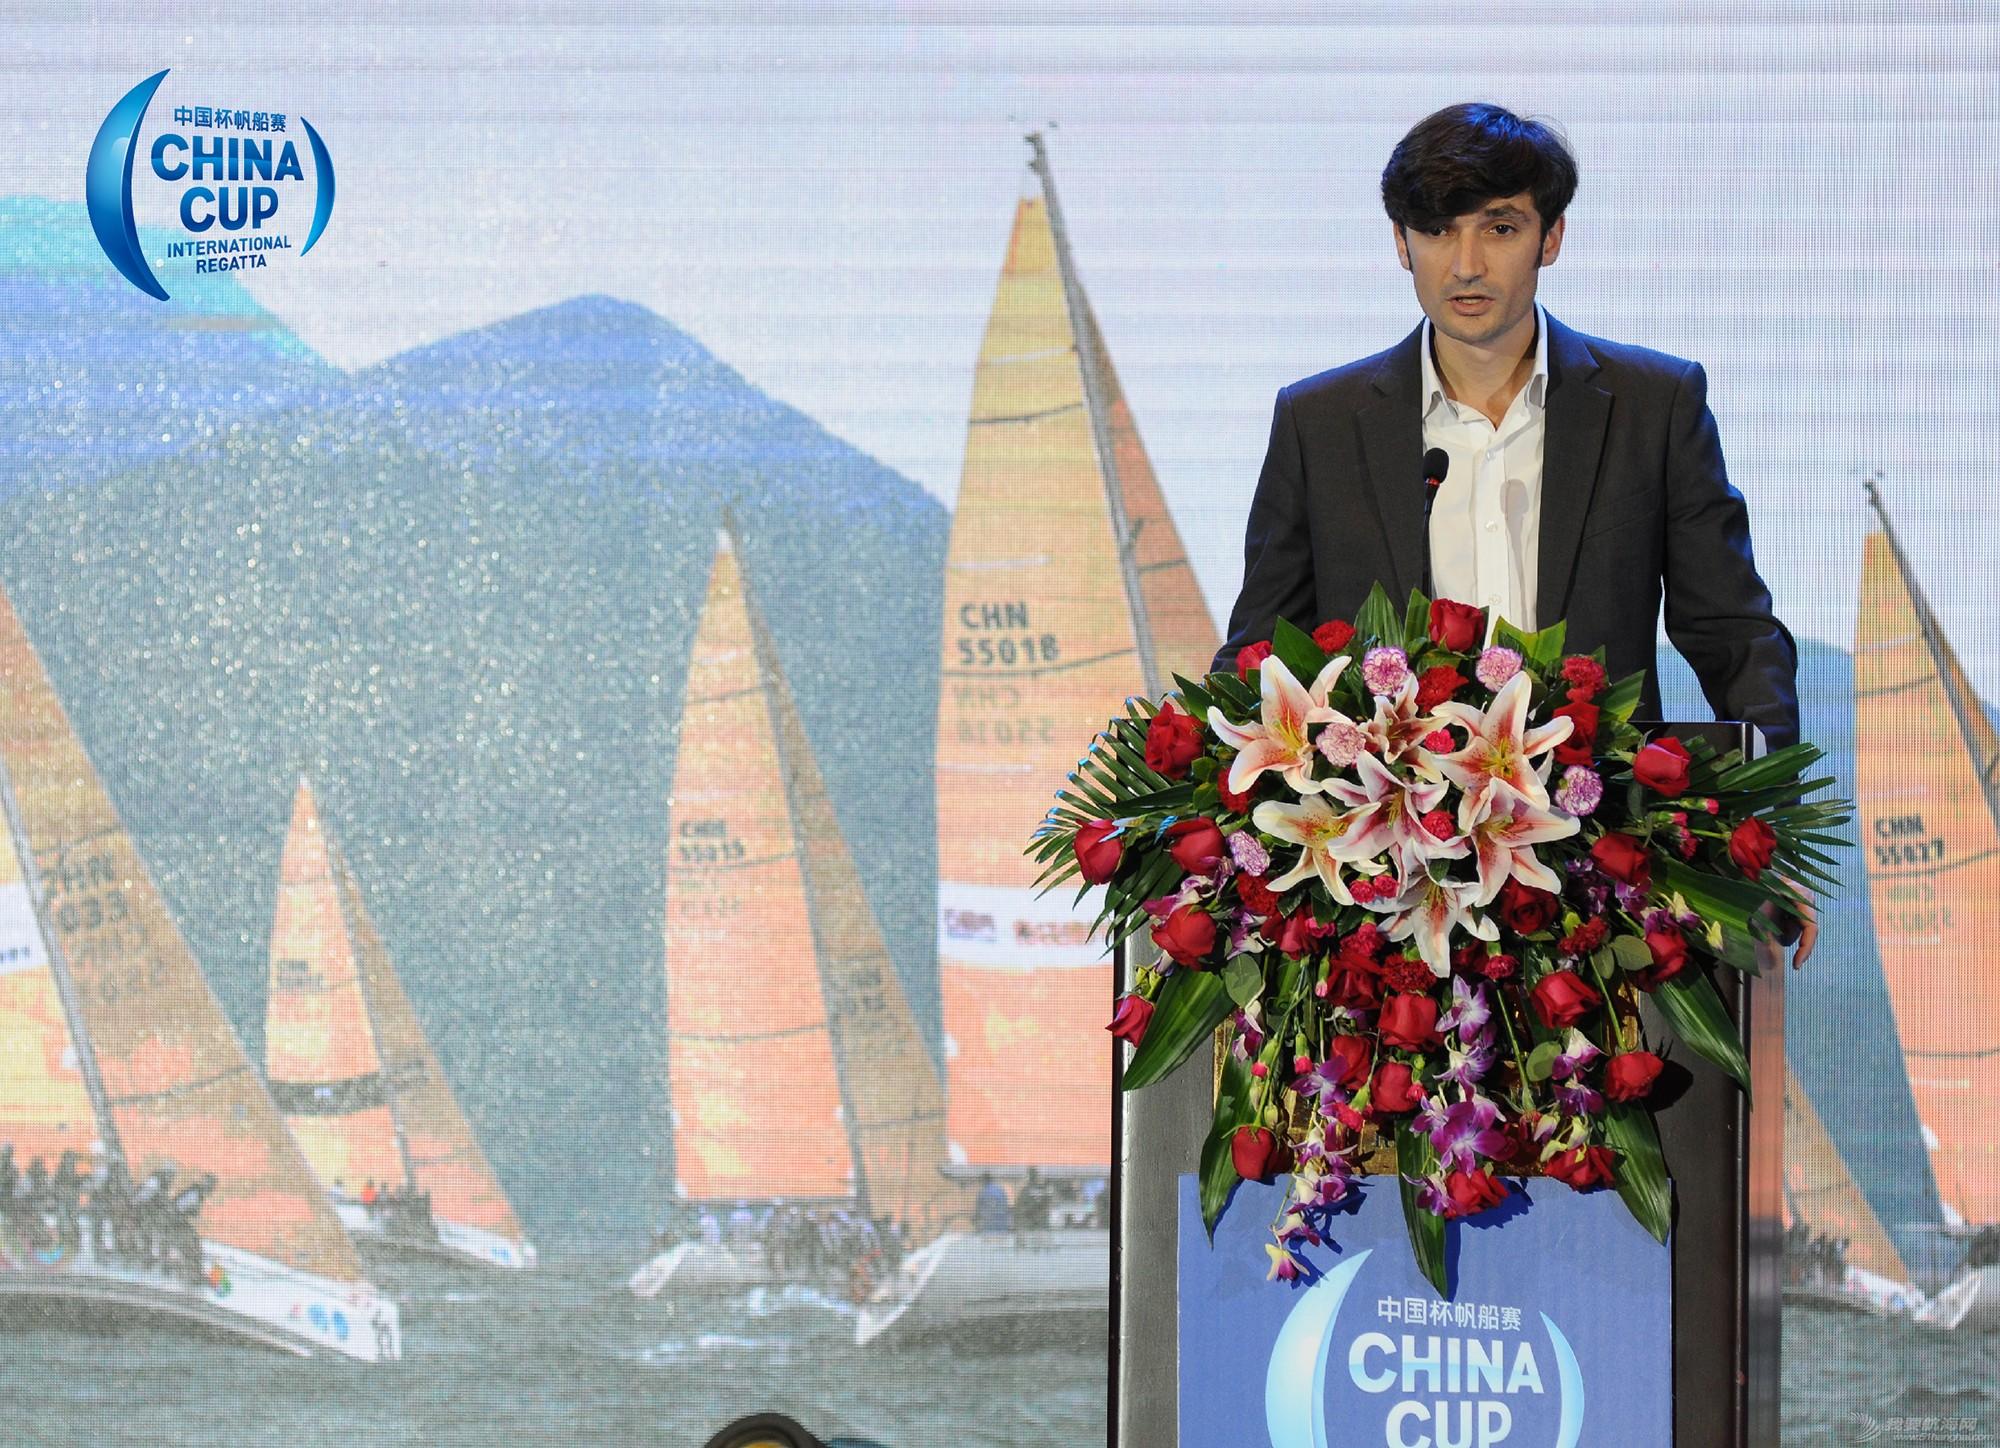 """中国航海 世界未来 第八届""""亚太区航海文化发展(大鹏)论坛""""在深圳举行 lADOf8eciM0G1s0JcQ_2417_1750.jpg"""